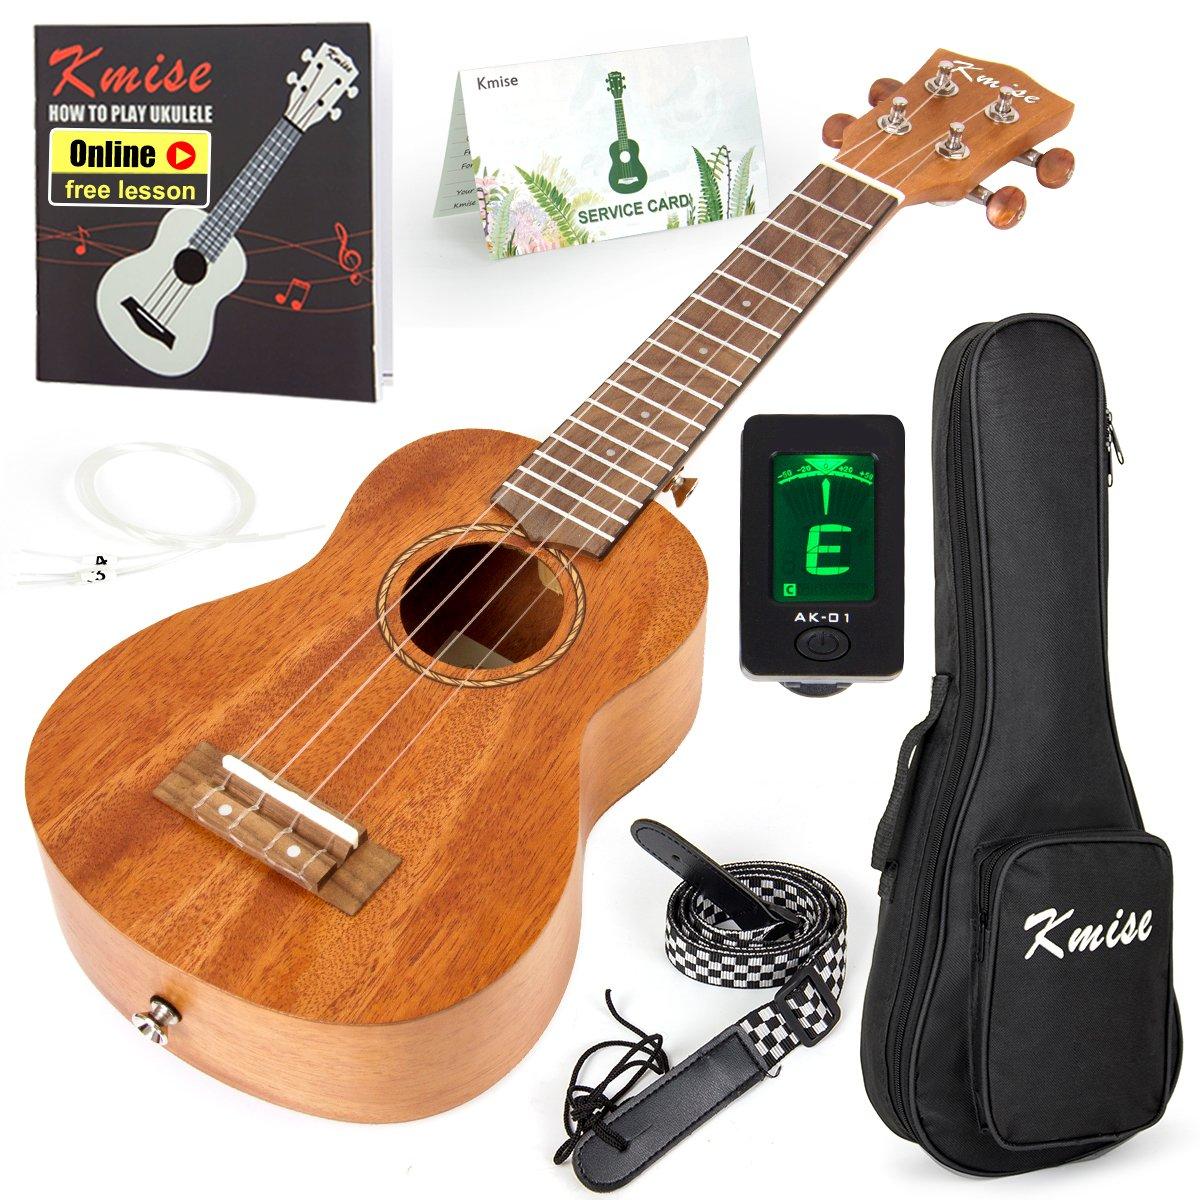 Kmise - Ukelele tenor de caoba (26 pulgadas, con correa para afinar la bolsa de regalo): Amazon.es: Instrumentos musicales